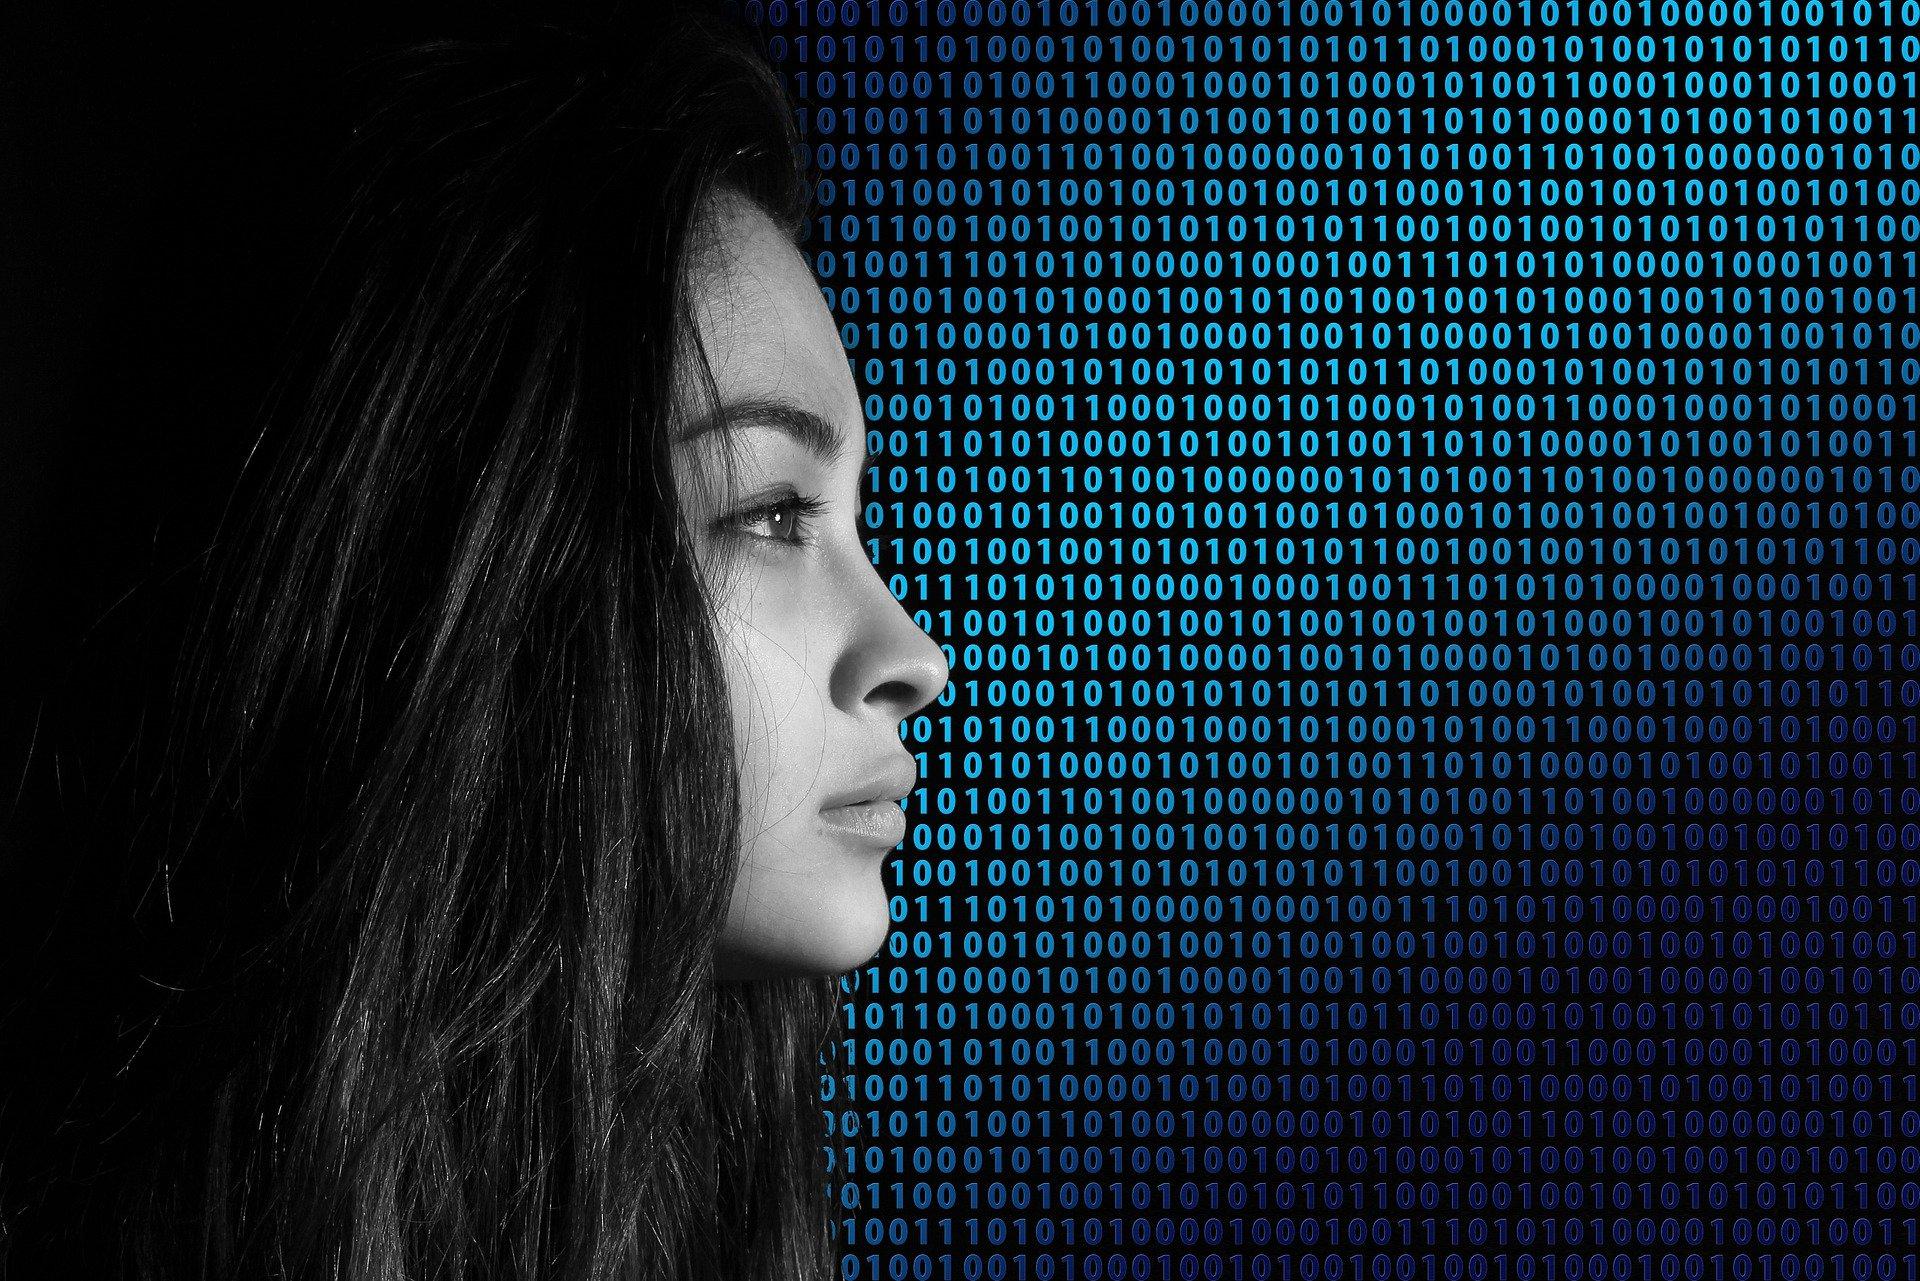 Digitalisierung menschlich gestalten – aber warum?